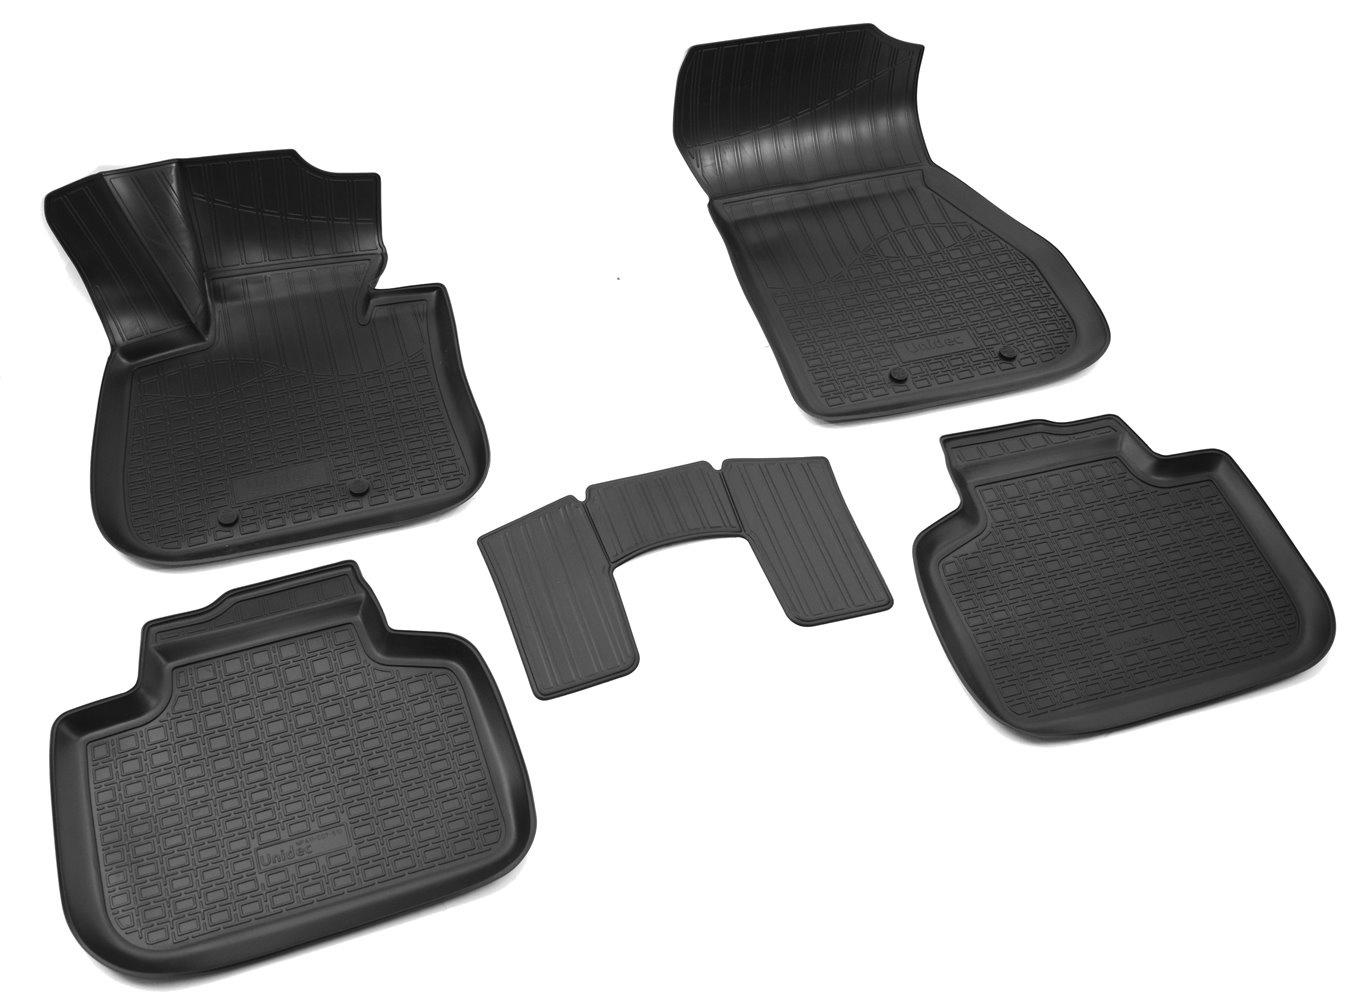 Коврики салона Norplast для BMW X1 (f48) 3d (2015), npa11-c07-510, черный диск колесный r18 double spoke style 568 36116856069 для bmw х1 f48 2015